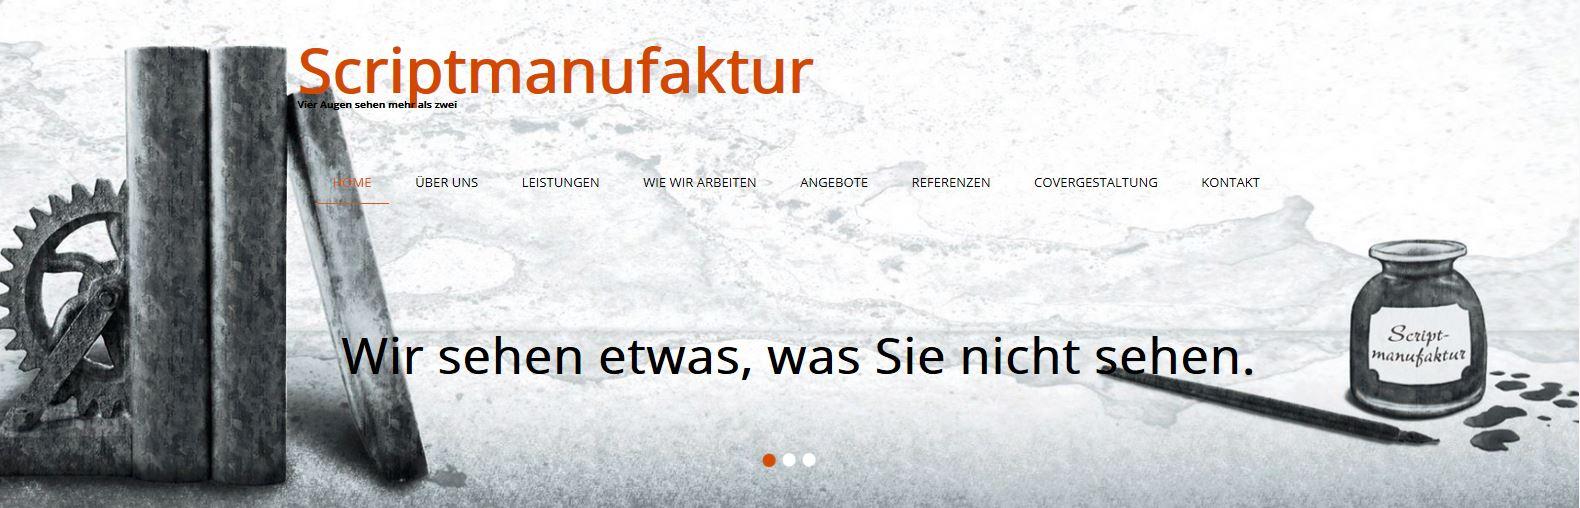 Scriptmanufaktur.de